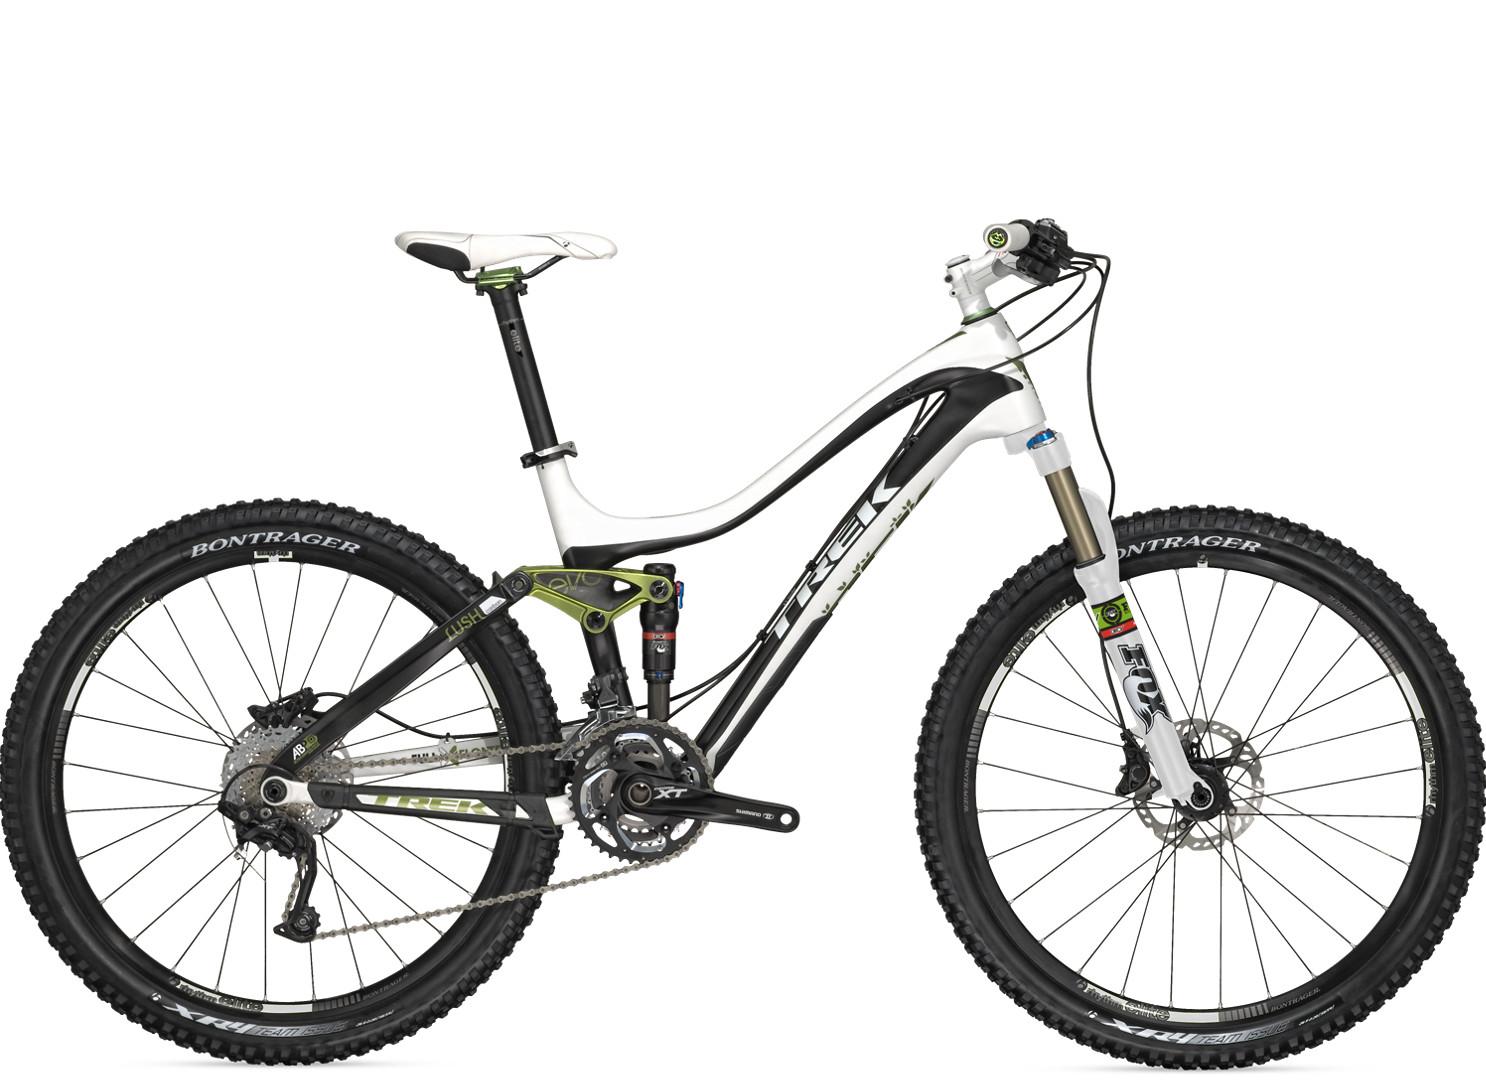 2012 Trek Lush Carbon Bike 26900